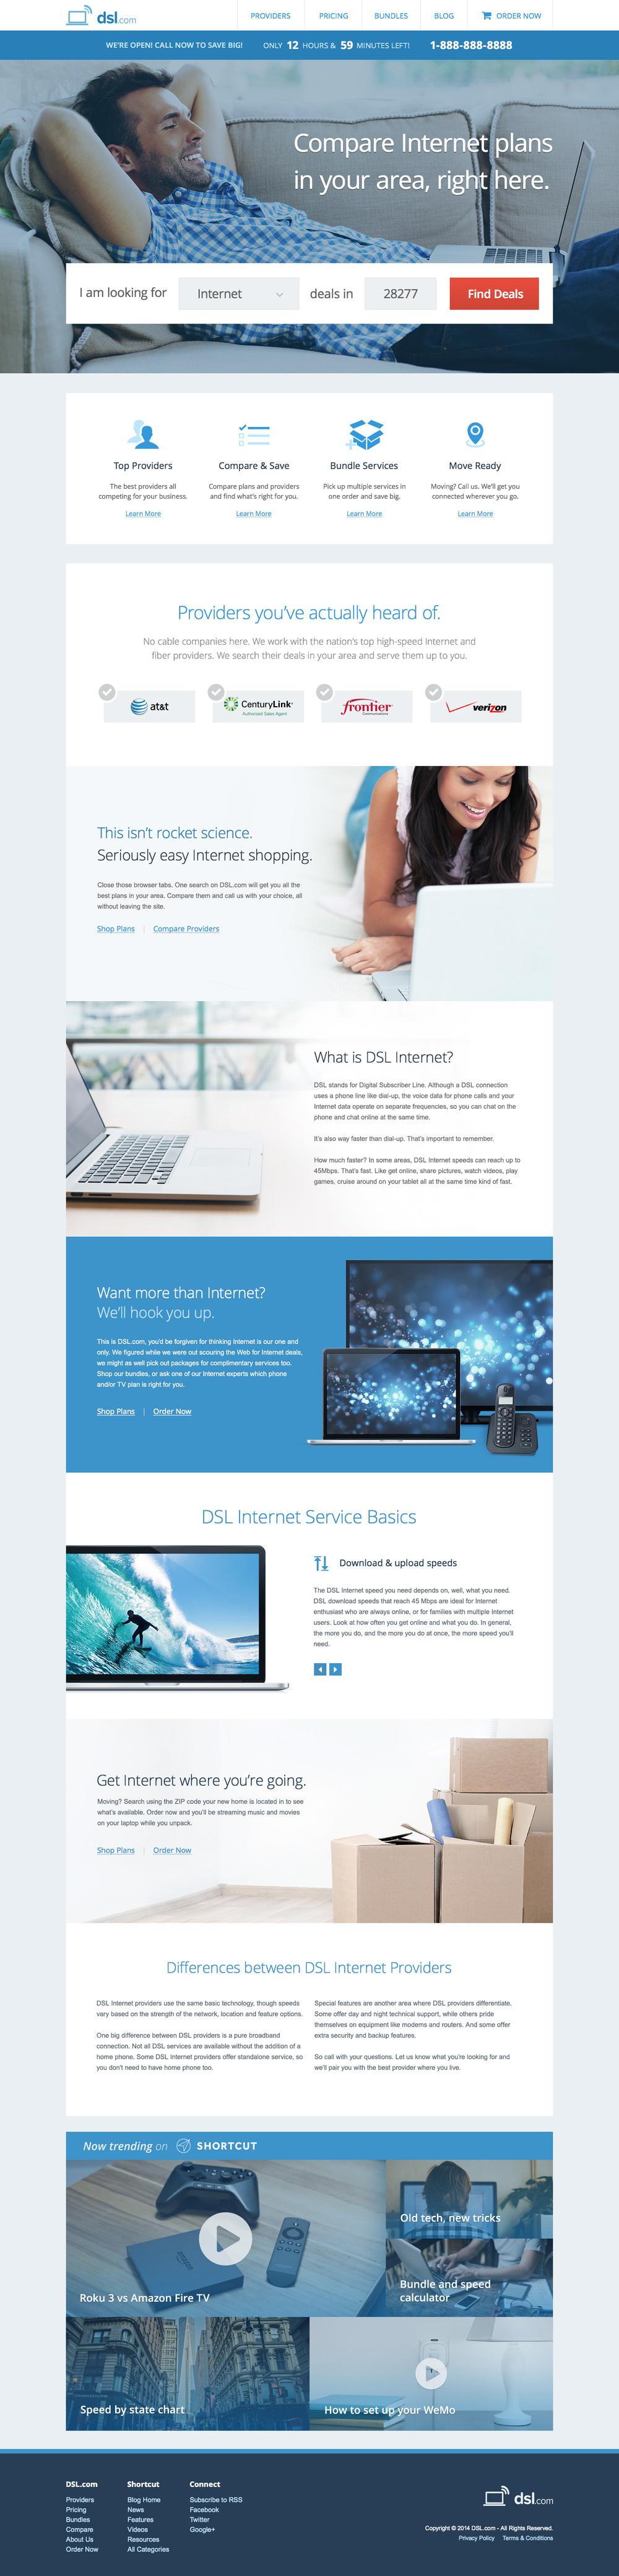 dsl-homepage_desktop.jpg